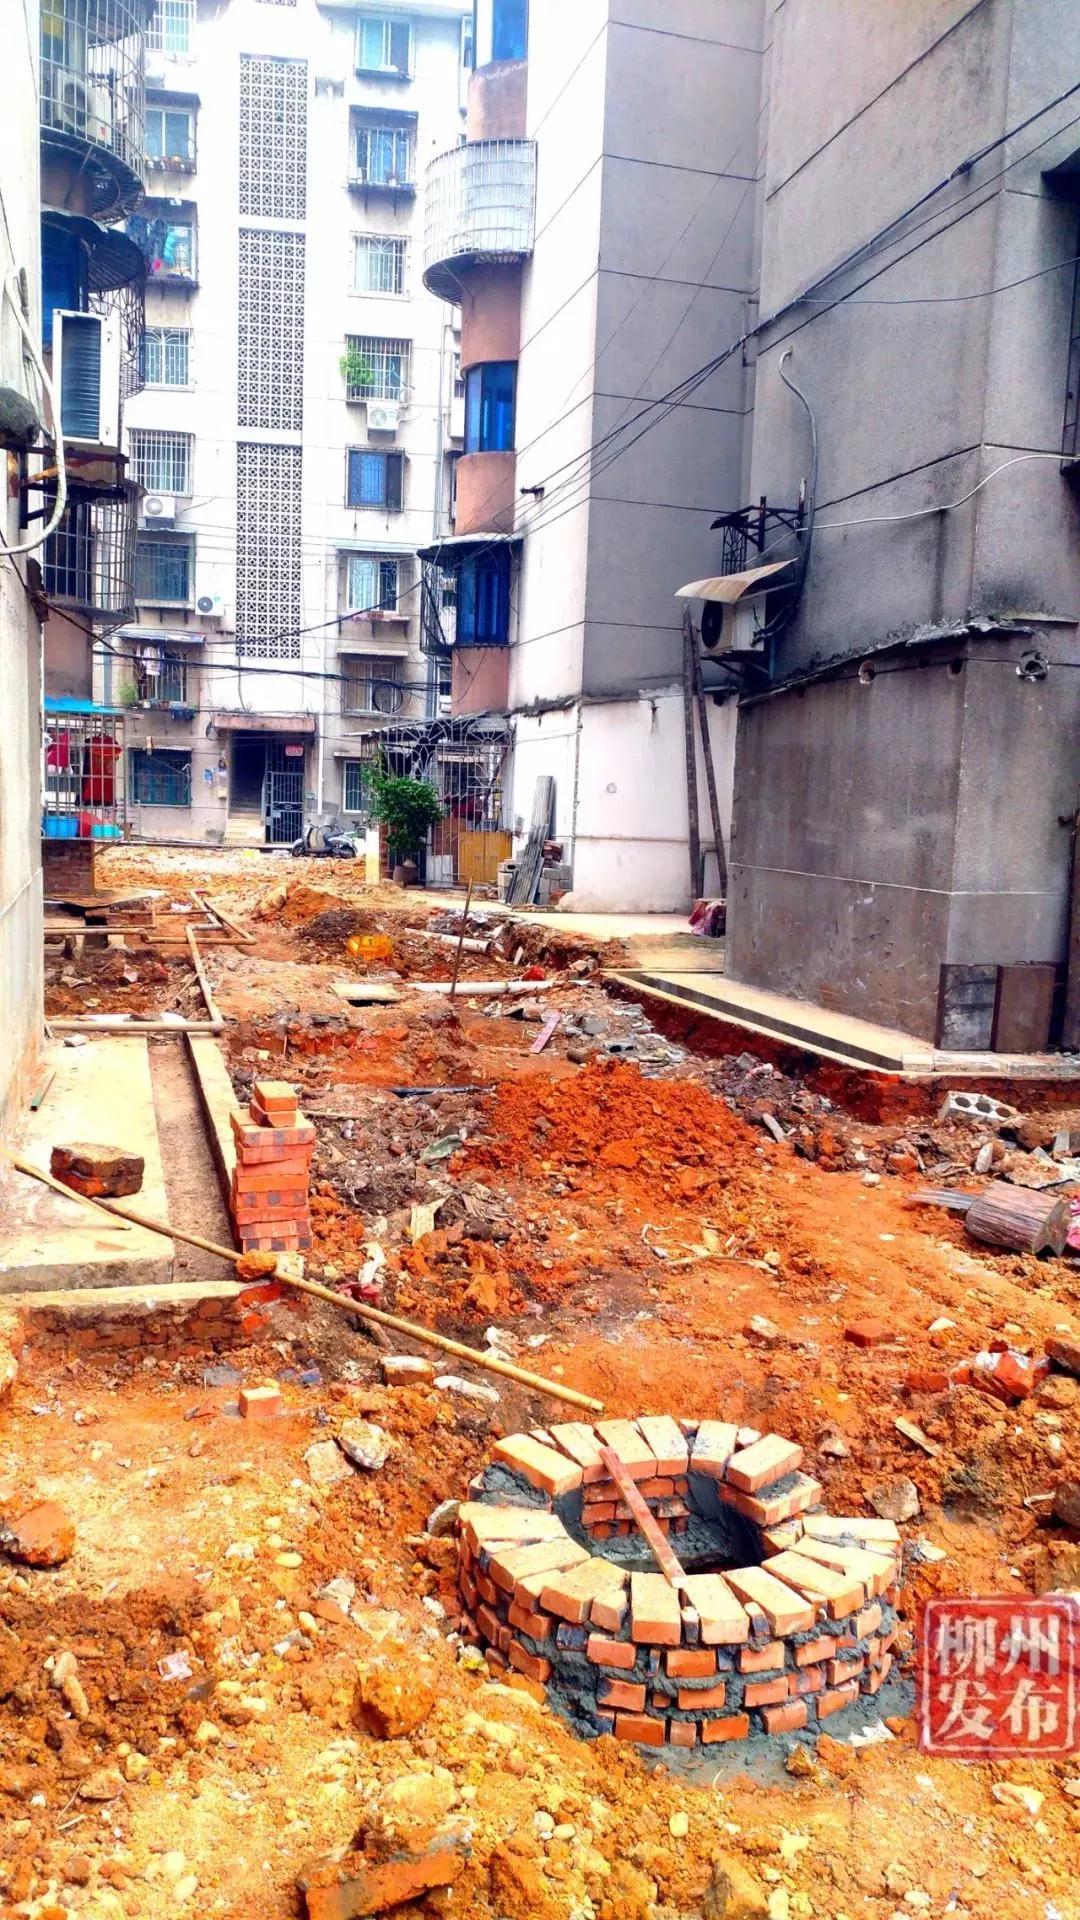 新建立体停车场、改造道路...柳州这10个小区要大变样!